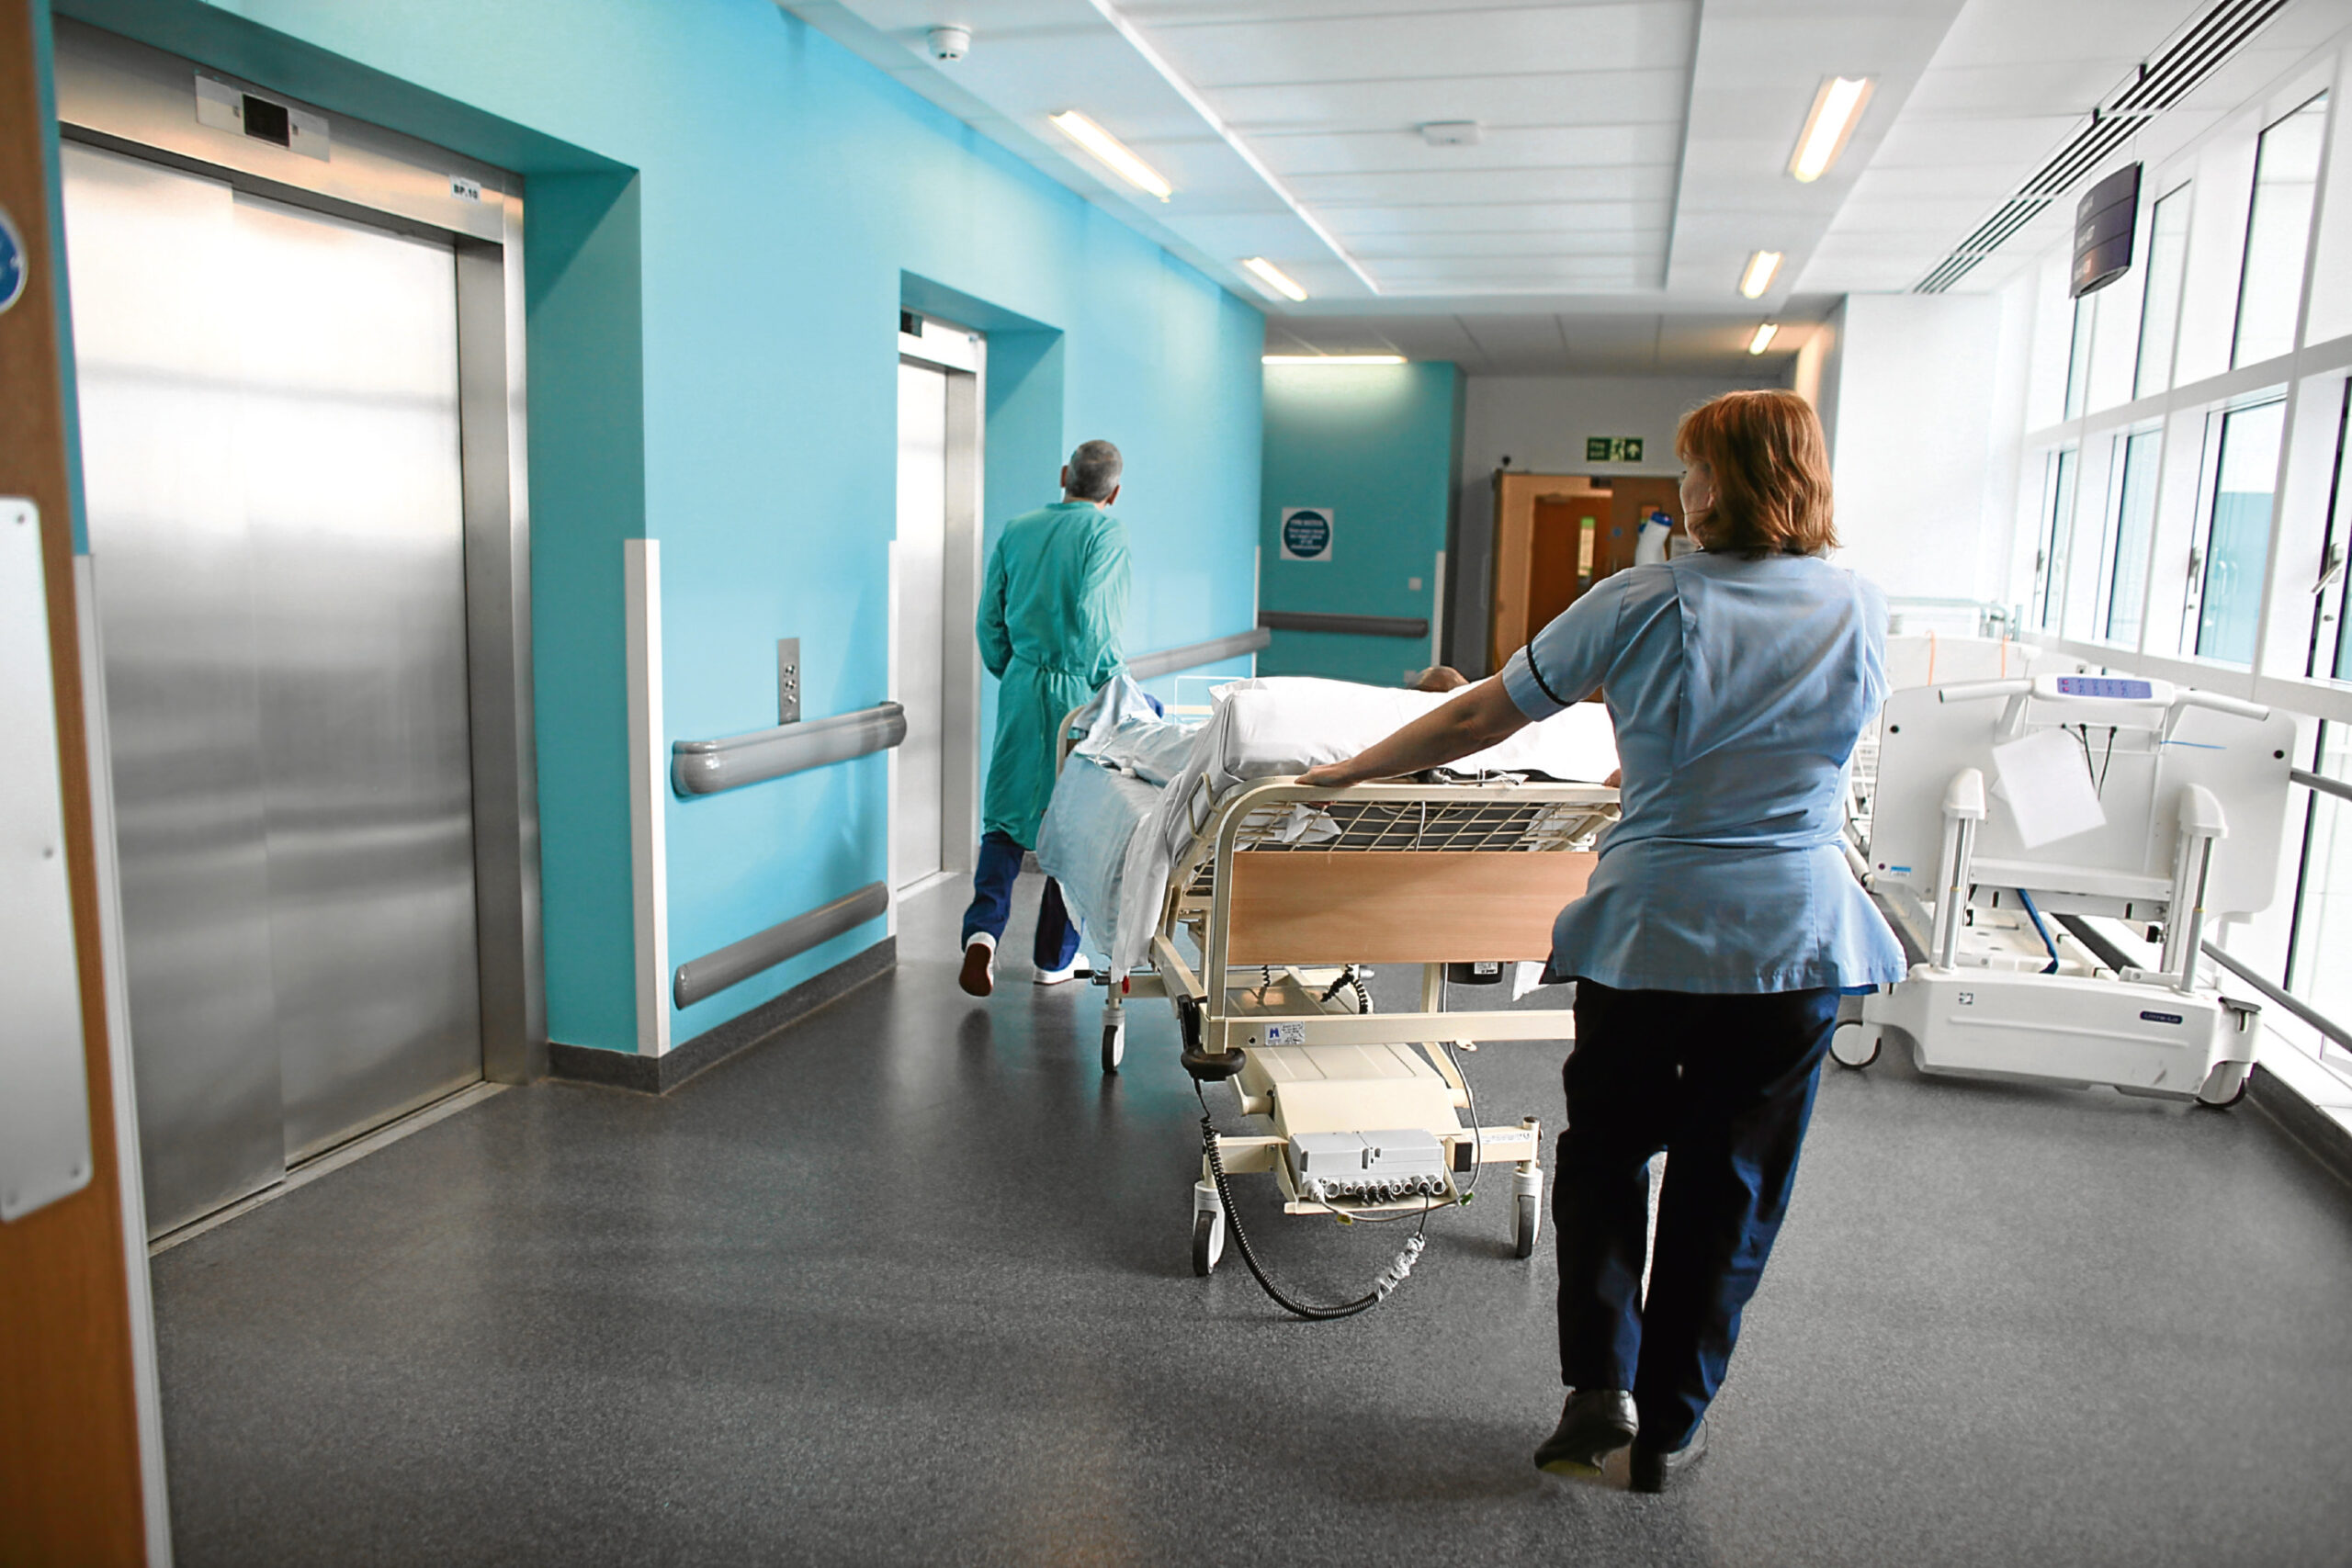 В стационарах разрешили при лечении использовать лекарства пациента или благотворителей